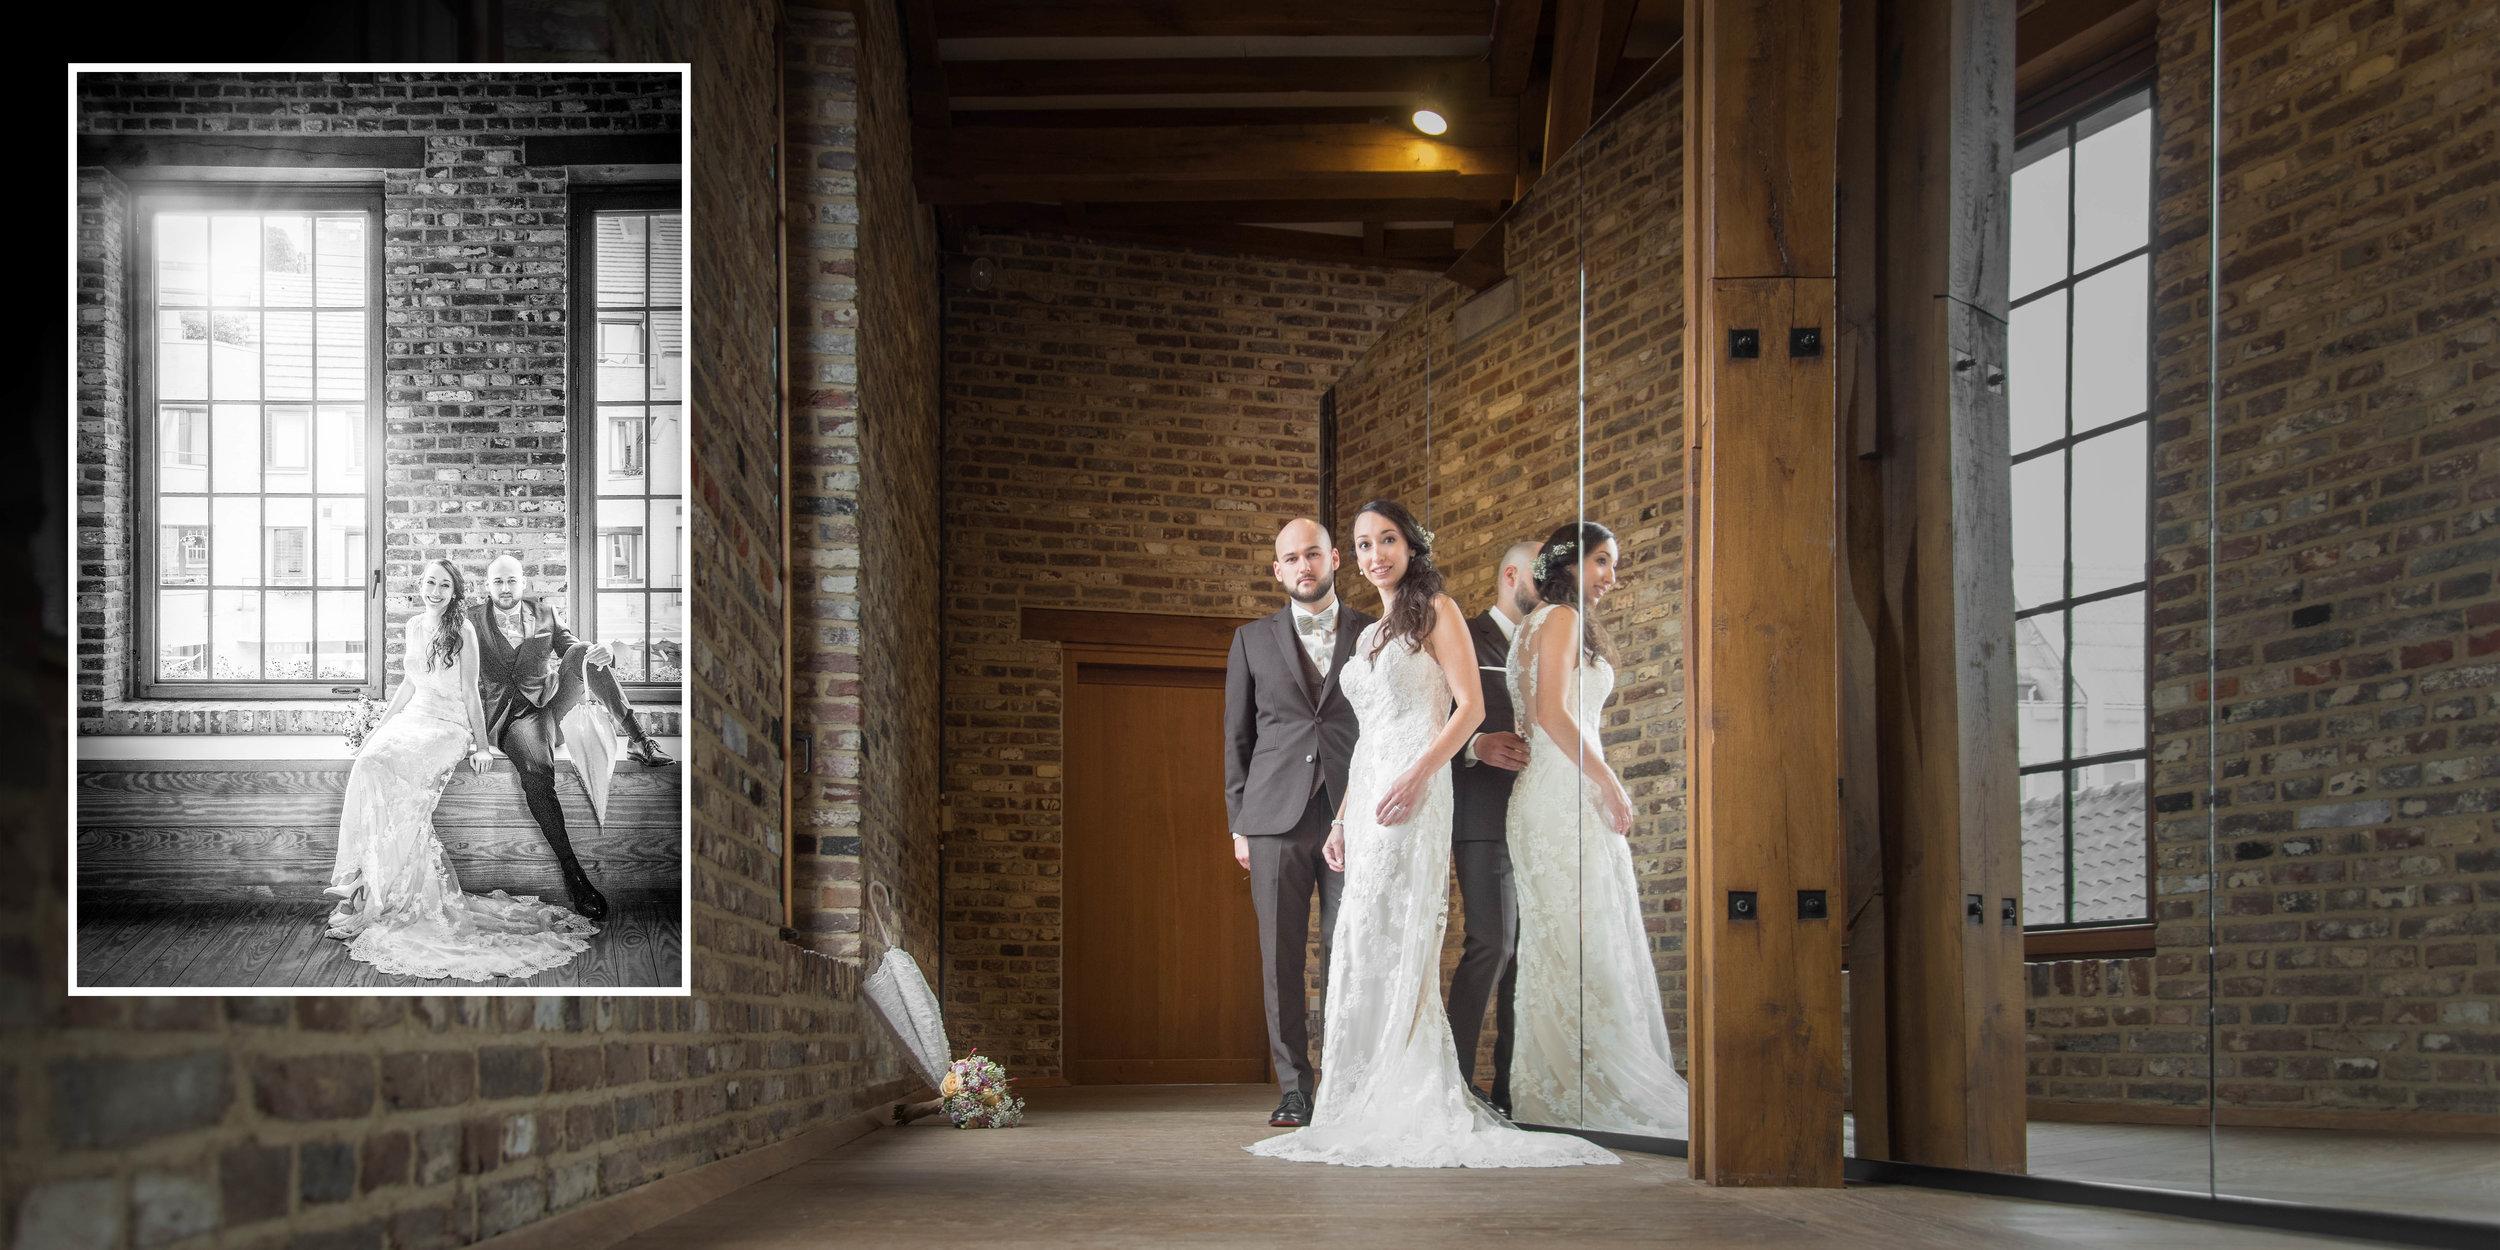 Huwelijksfotograaf Limburg Bilzen - De Baenwinning, Diepenbeek